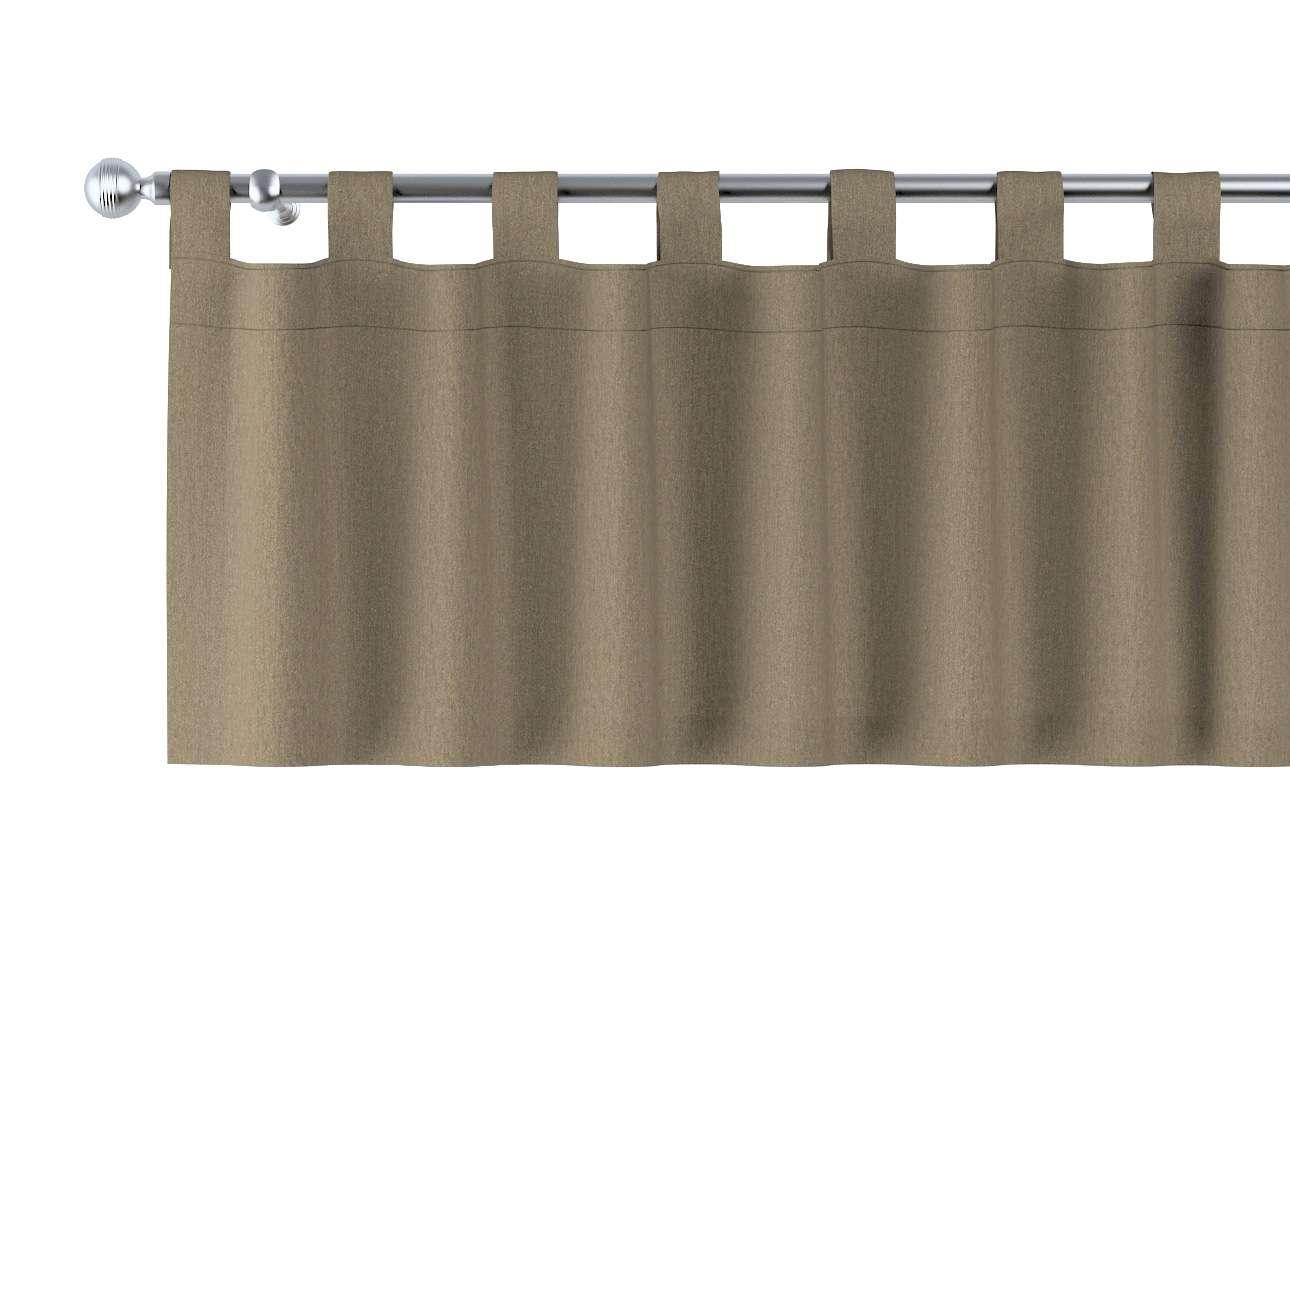 Gardinkappe med stropper 130x40cm fra kollektionen Chenille, Stof: 702-21